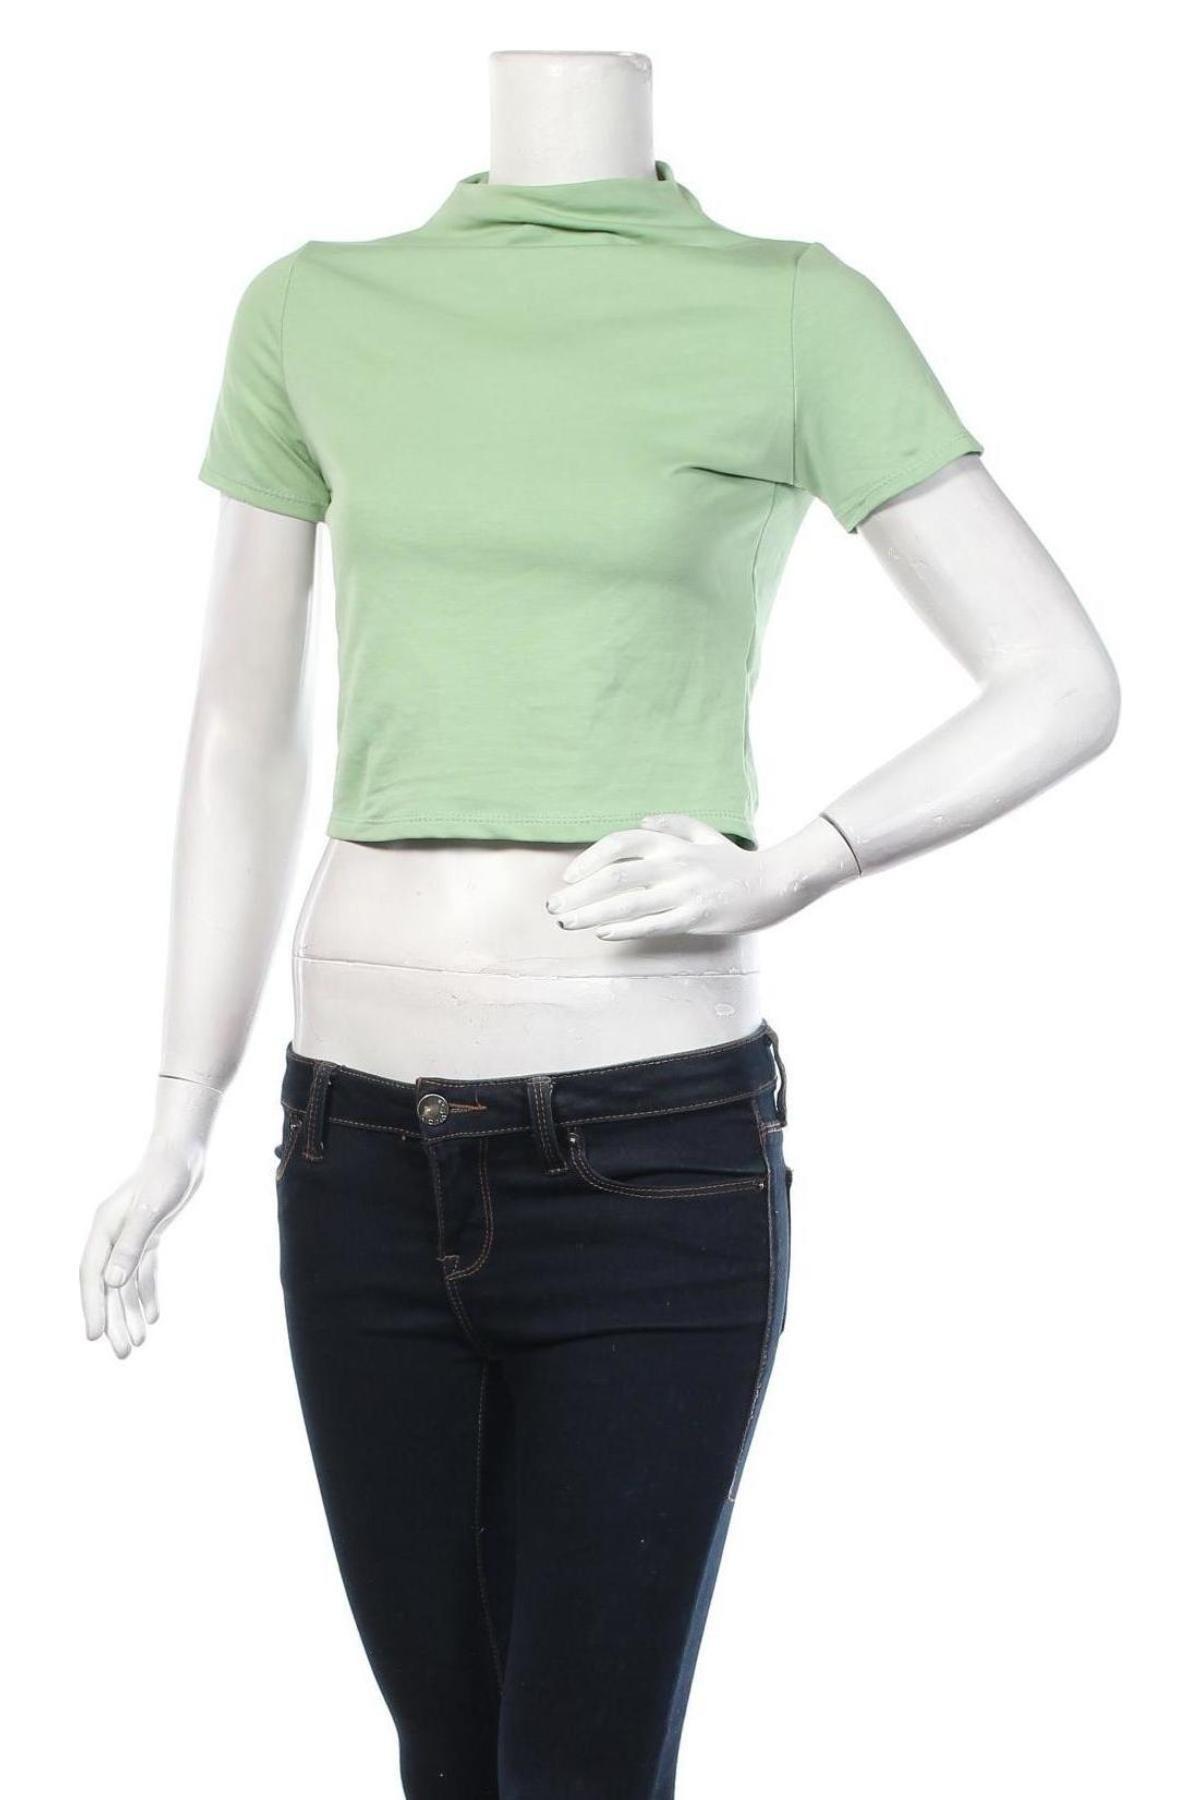 Дамска блуза Stylewise, Размер S, Цвят Зелен, 95% памук, 5% еластан, Цена 12,80лв.